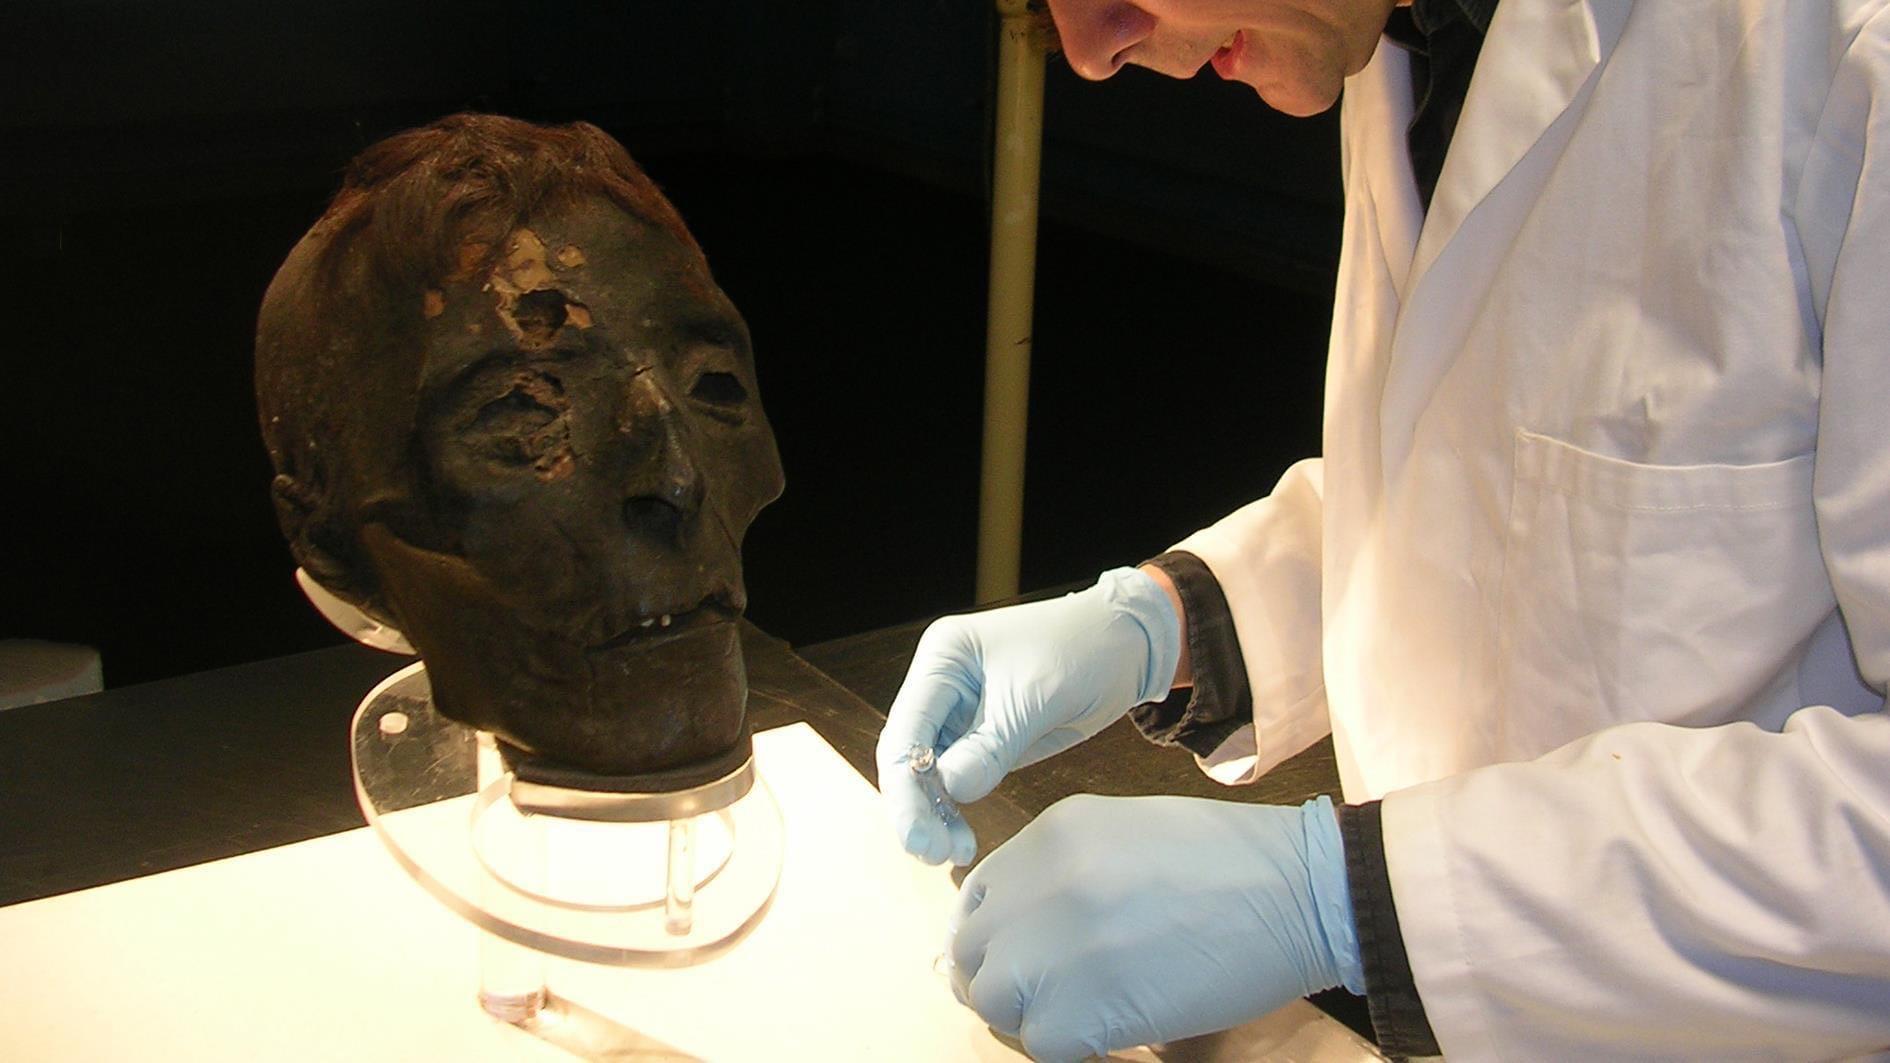 Страдающий раком завещал своё тело науке. Из него сделали мумию.